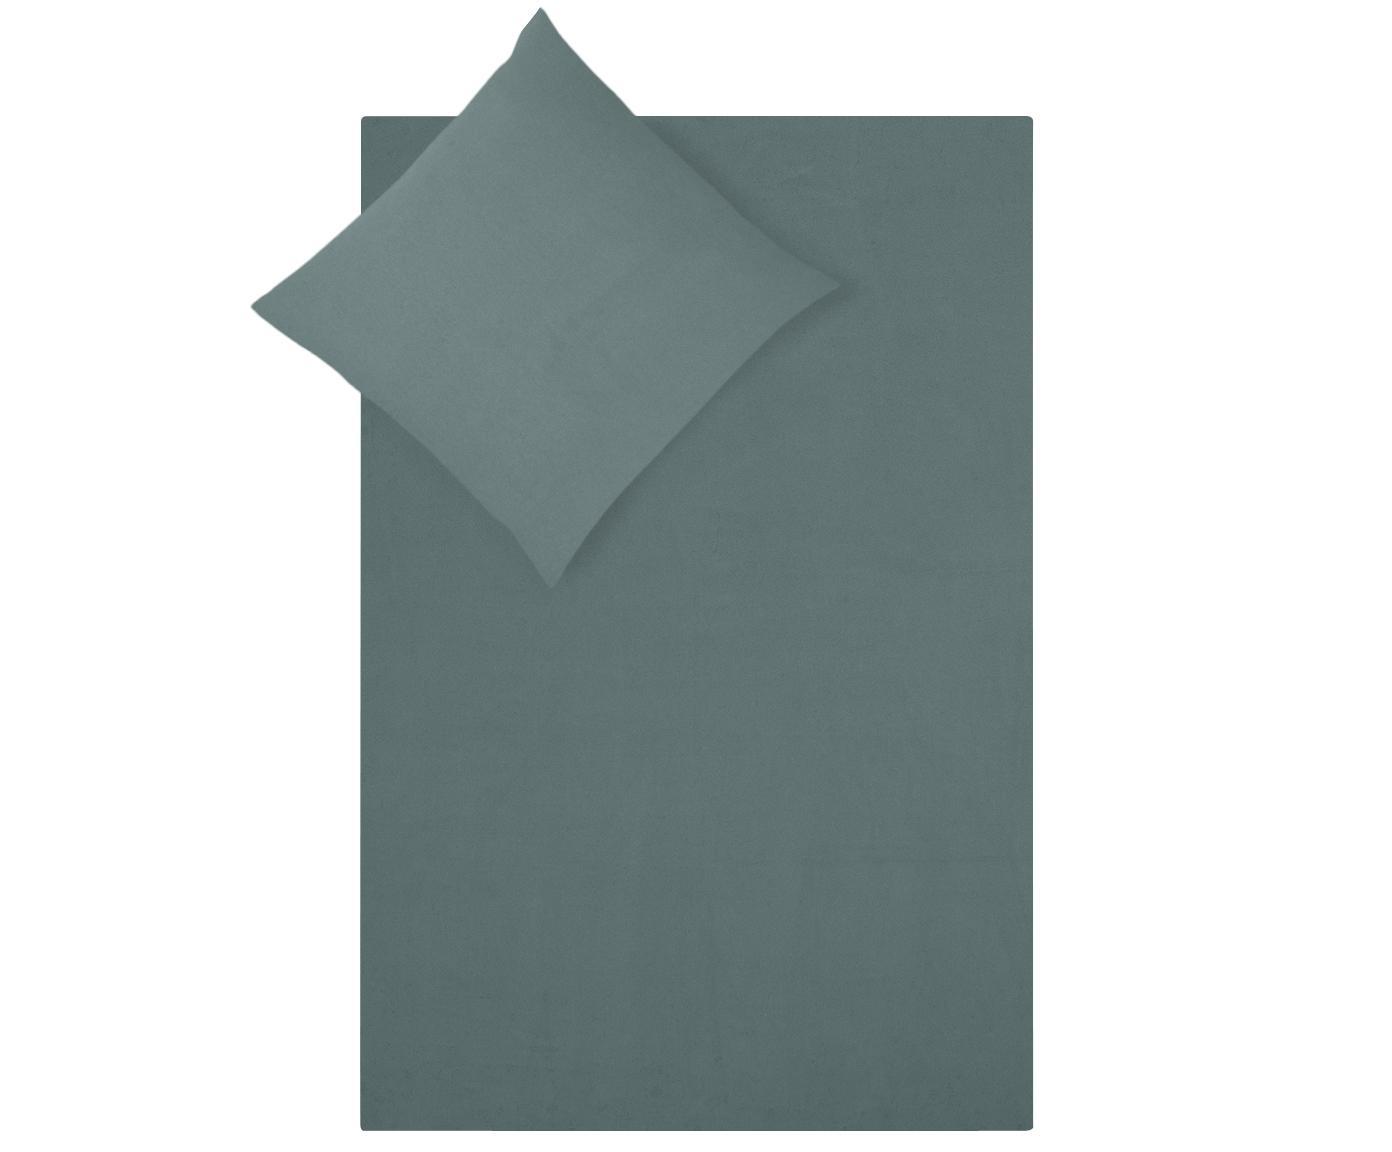 Flanell-Bettwäsche Biba in Grün, Webart: Flanell Flanell ist ein s, Grün, 240 x 220 cm + 2 Kissen 80 x 80 cm